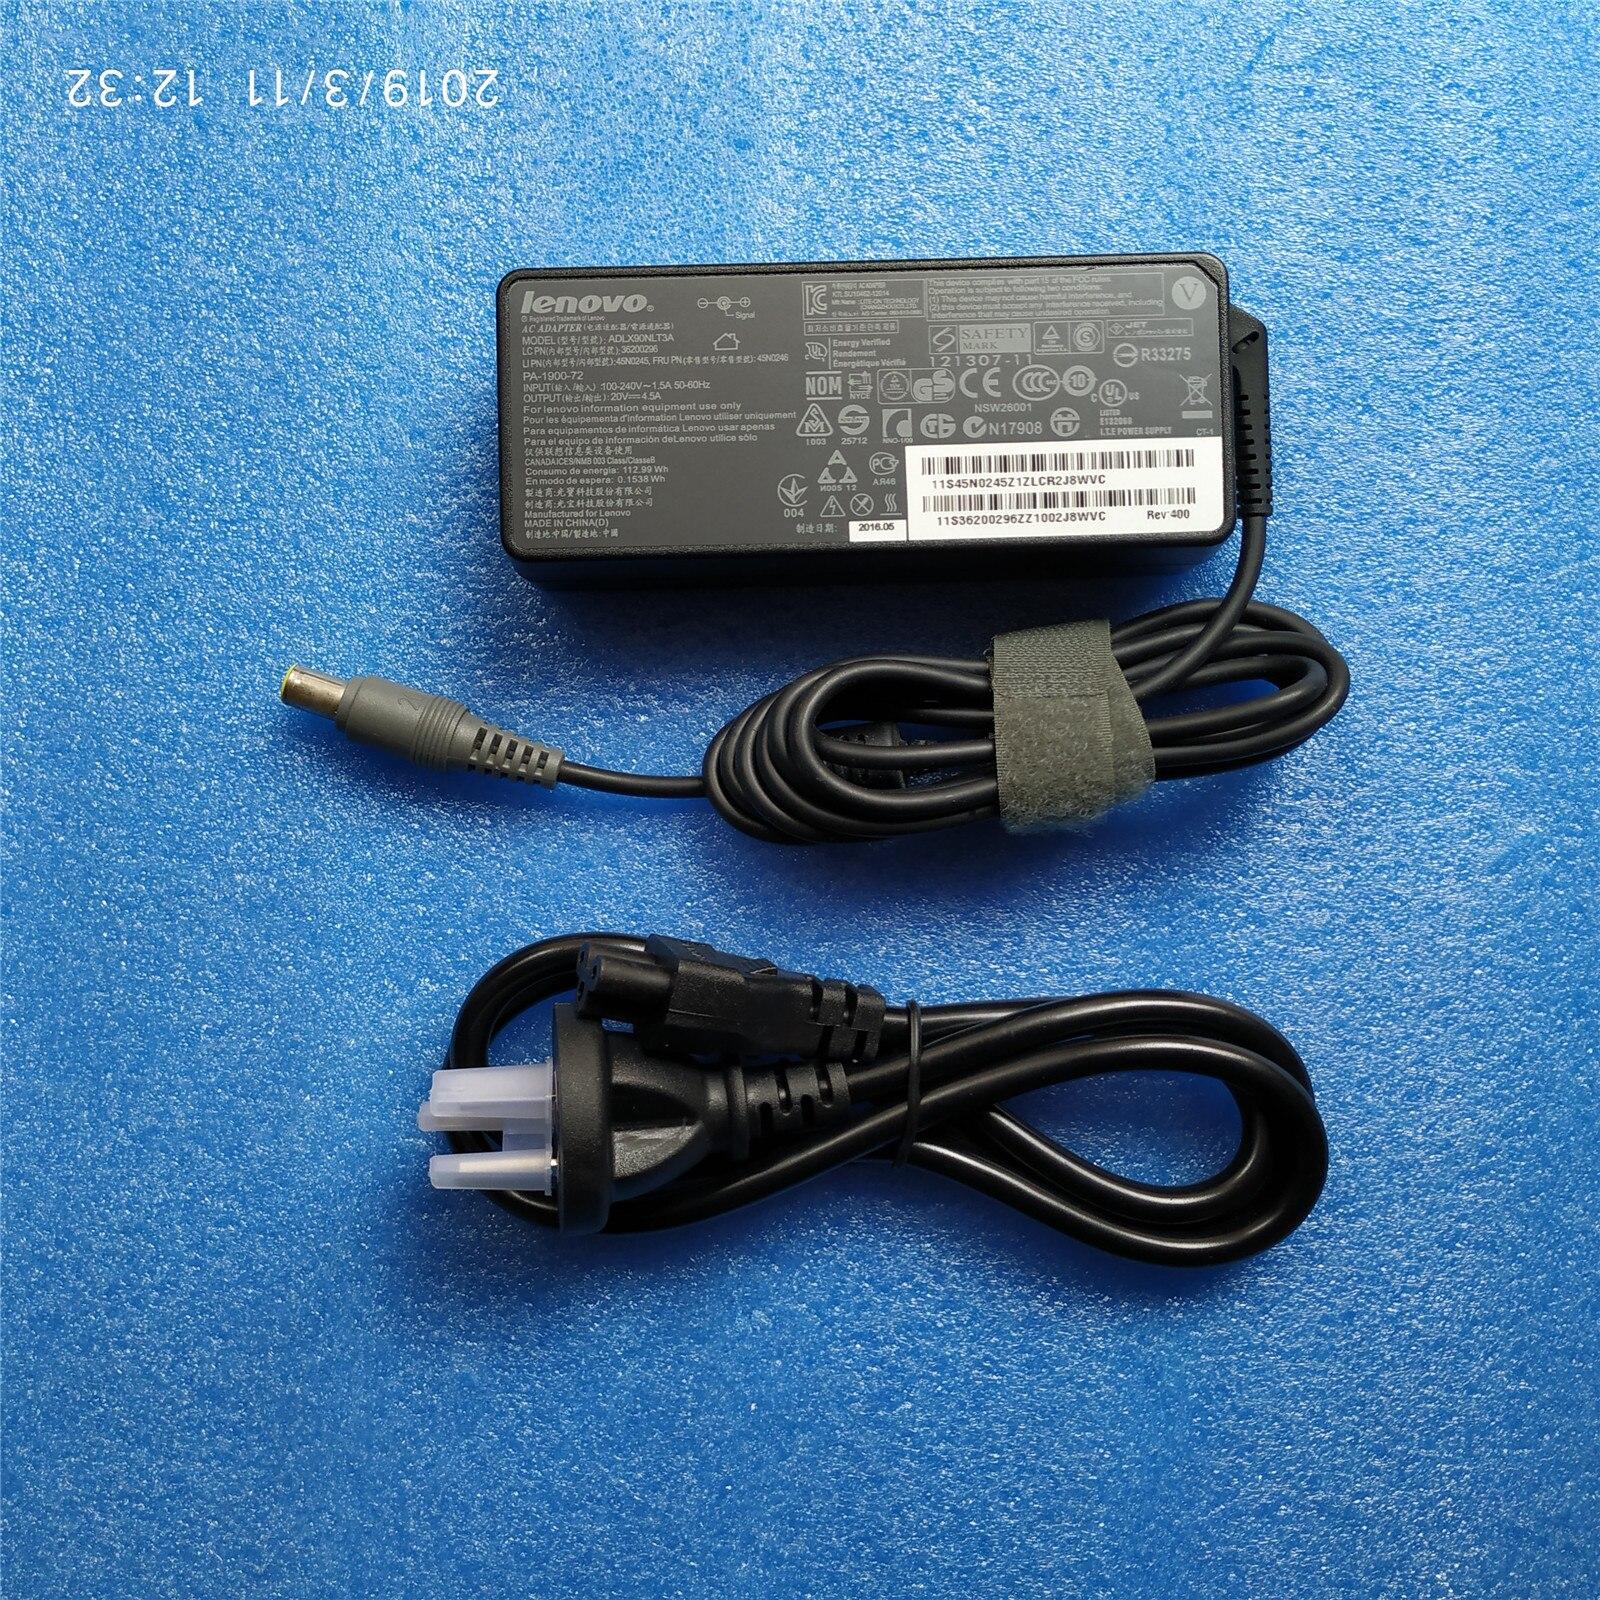 New Original 20V 4.5A 90W Laptop Ac Carregador Adaptador Para lenovo ThinkPad t400 t410 t420 t430 E40 E420 e430C E431 E520 E530 T61